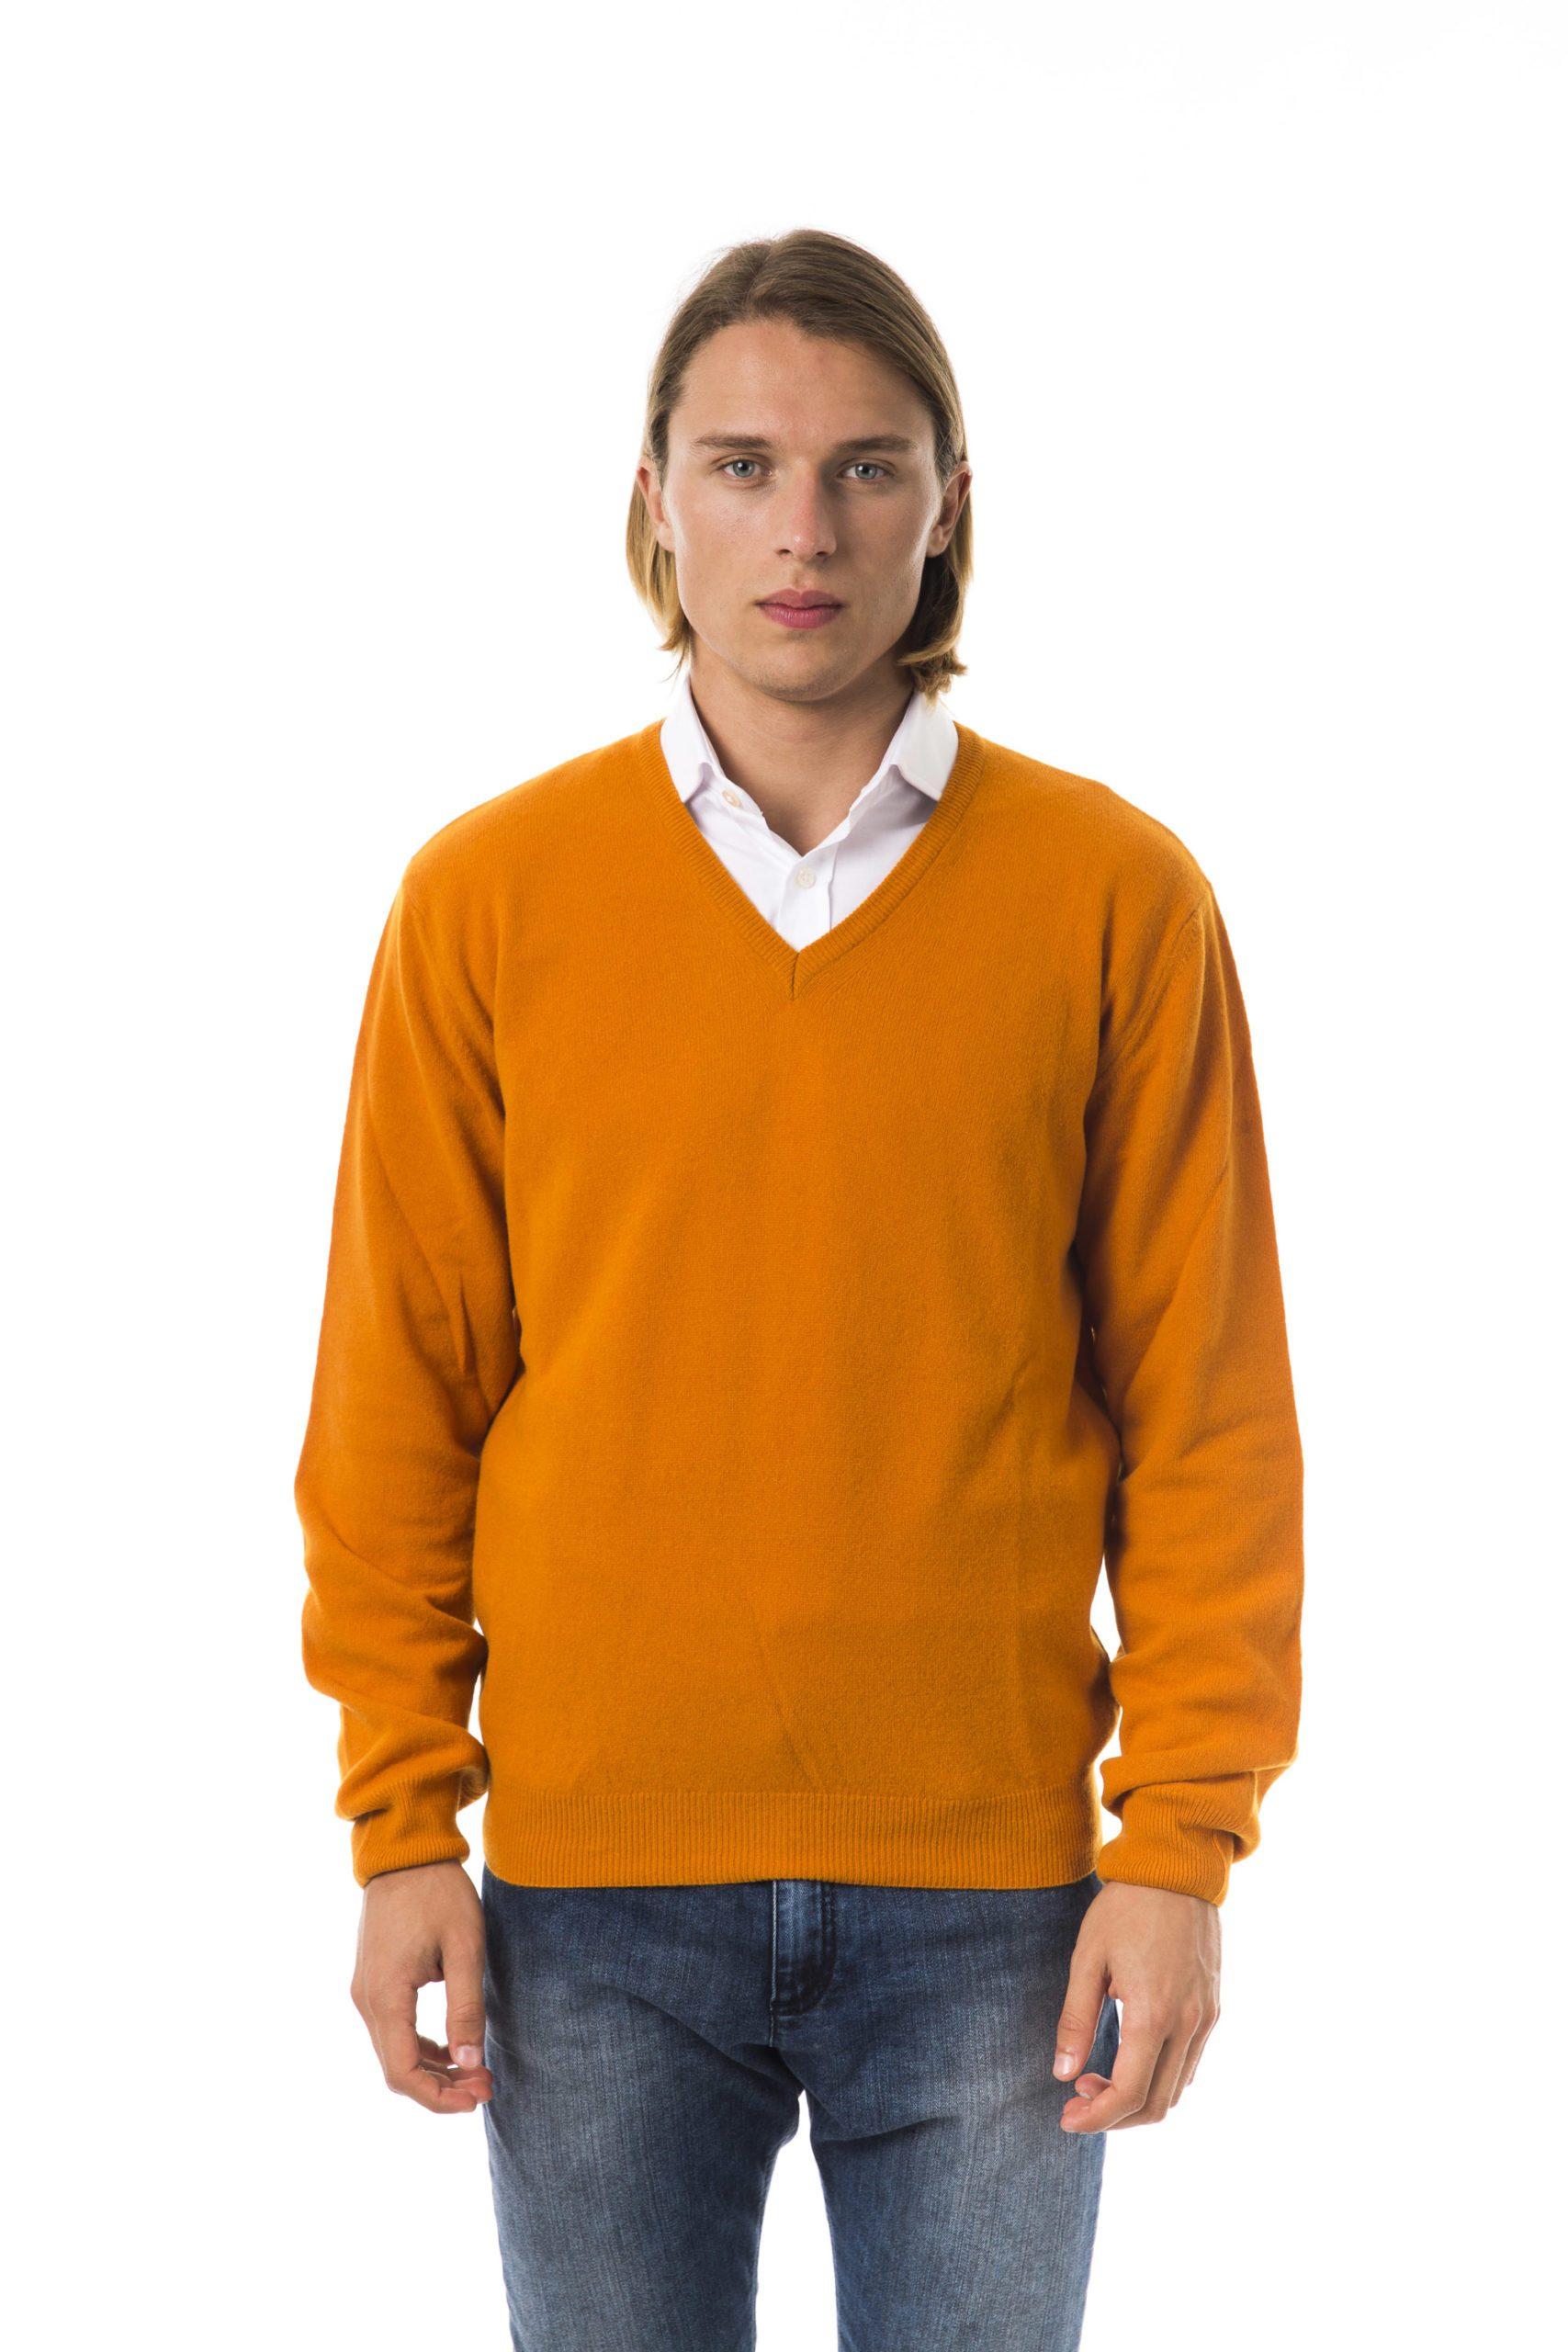 BYBLOS Men's Aragosta Sweater Orange BY817632 - XL